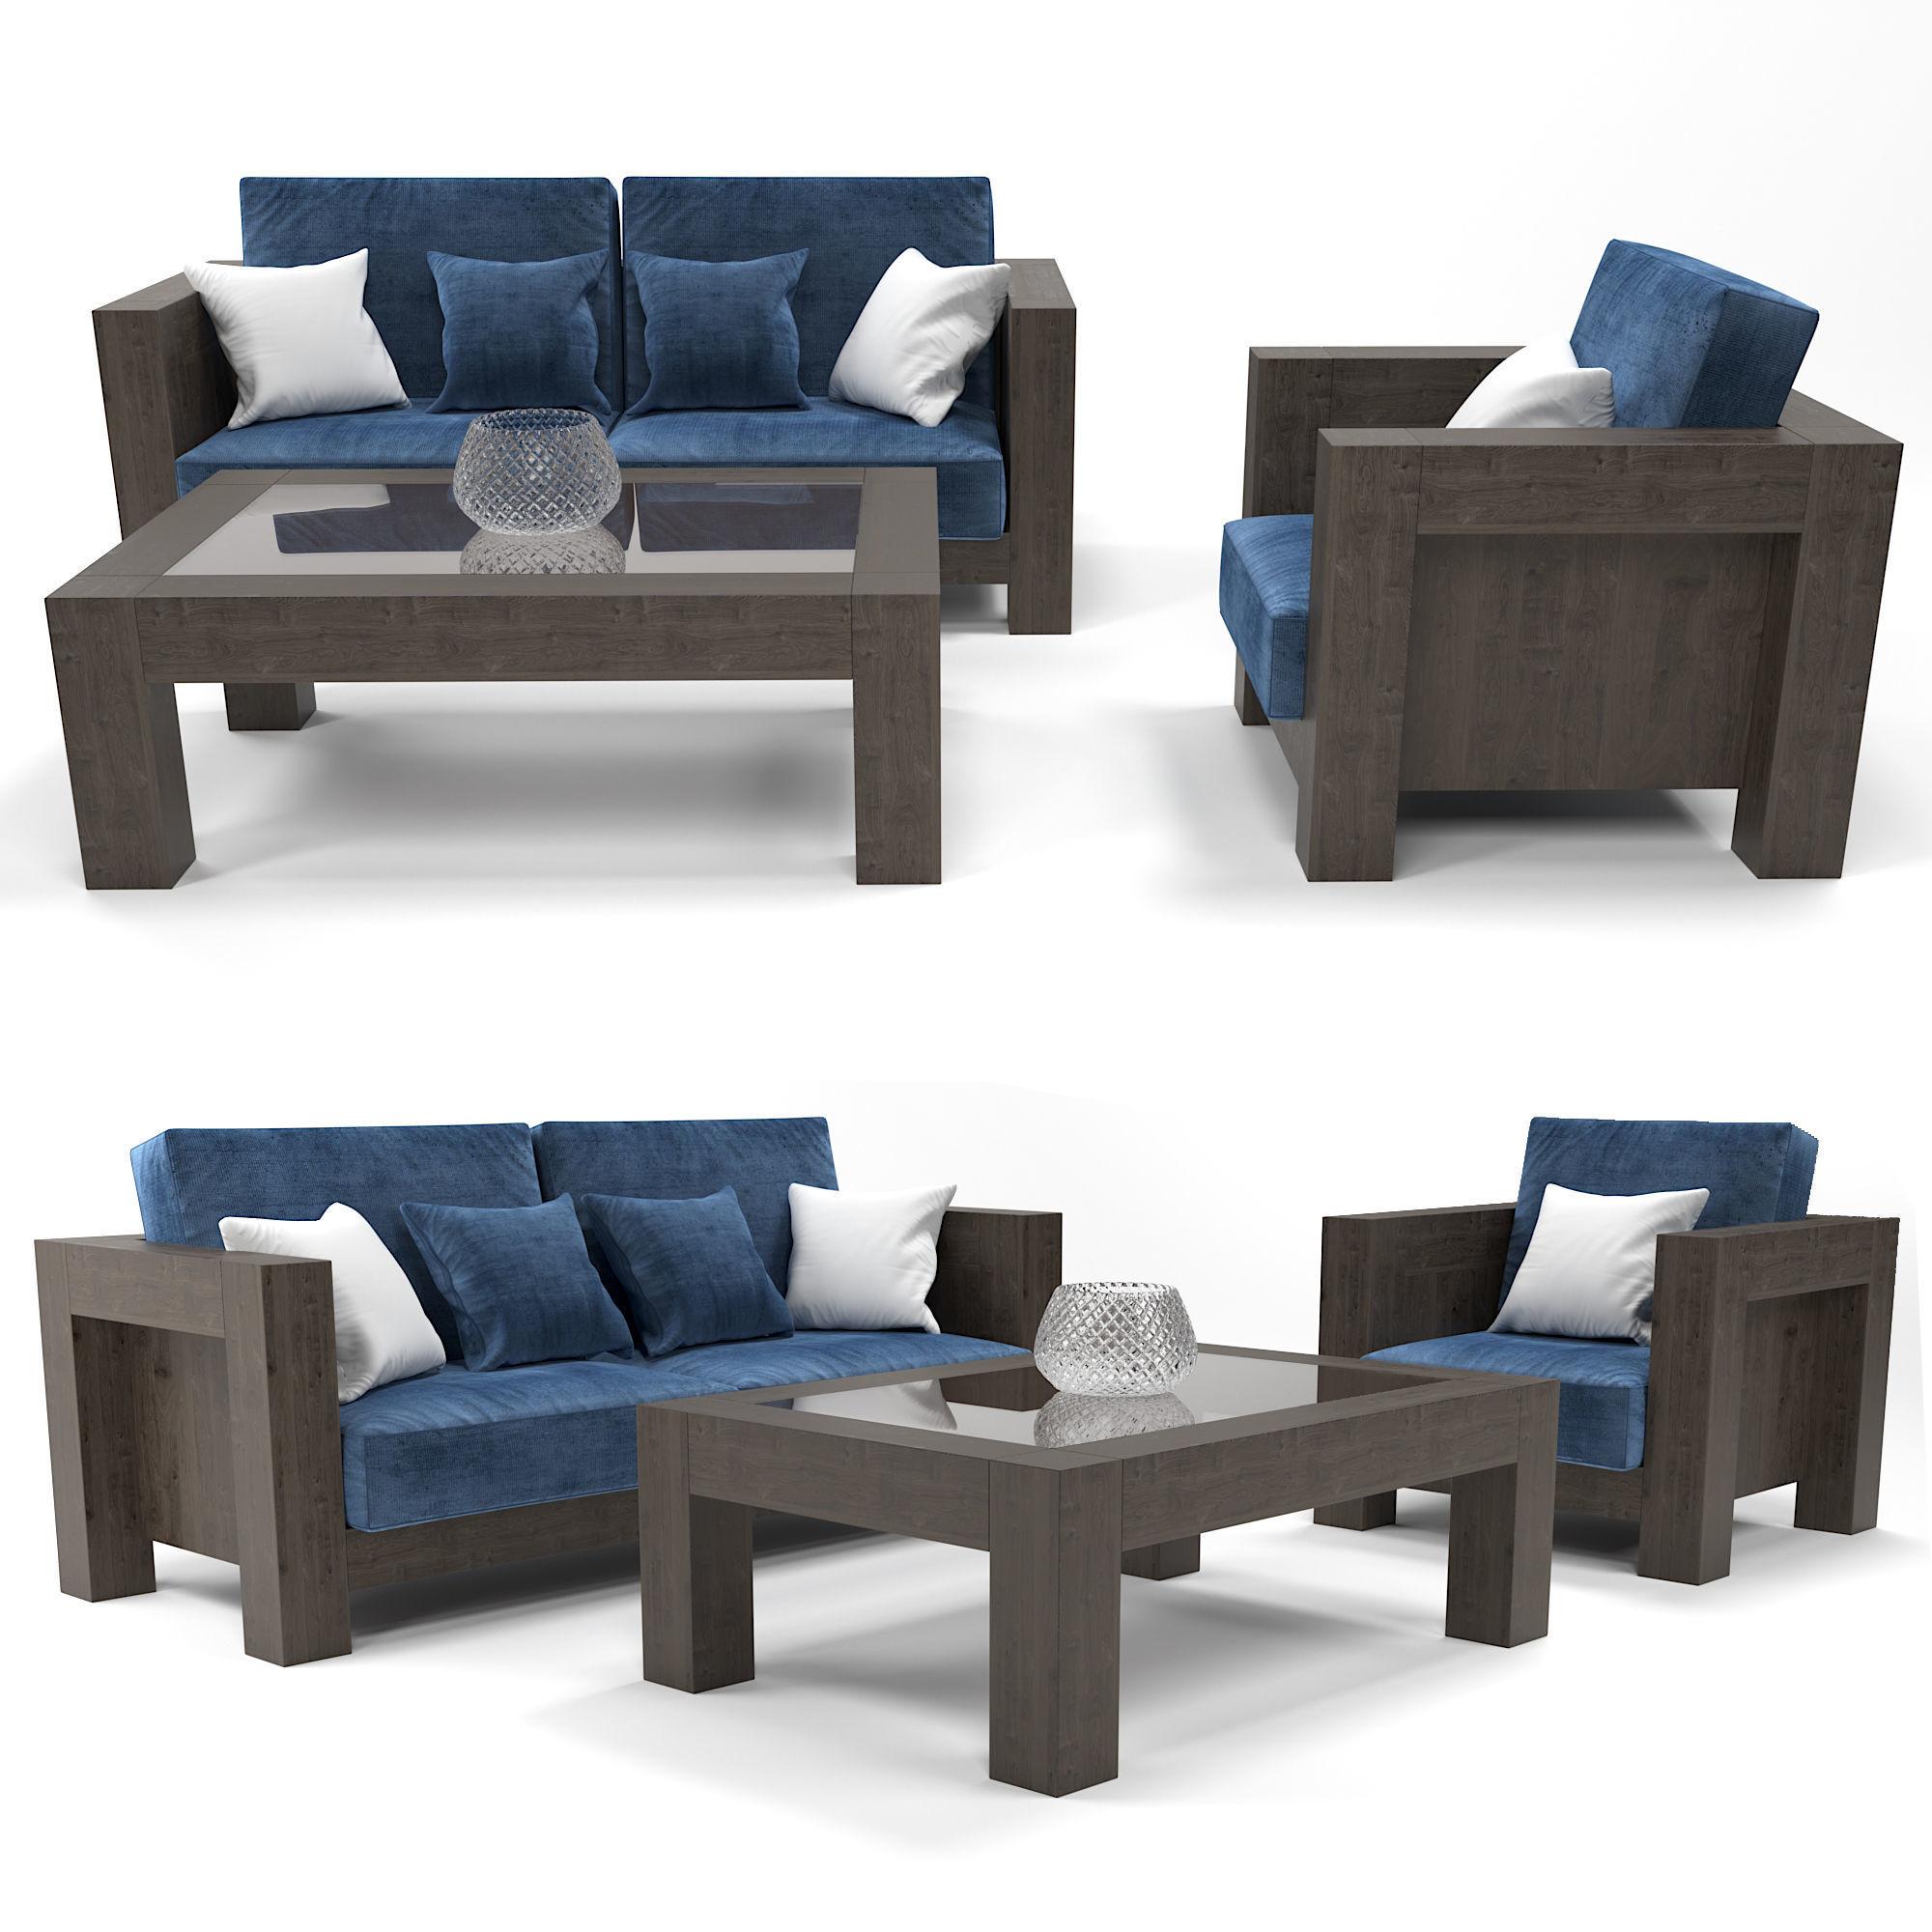 Modern Wooden Sofa | 3D model